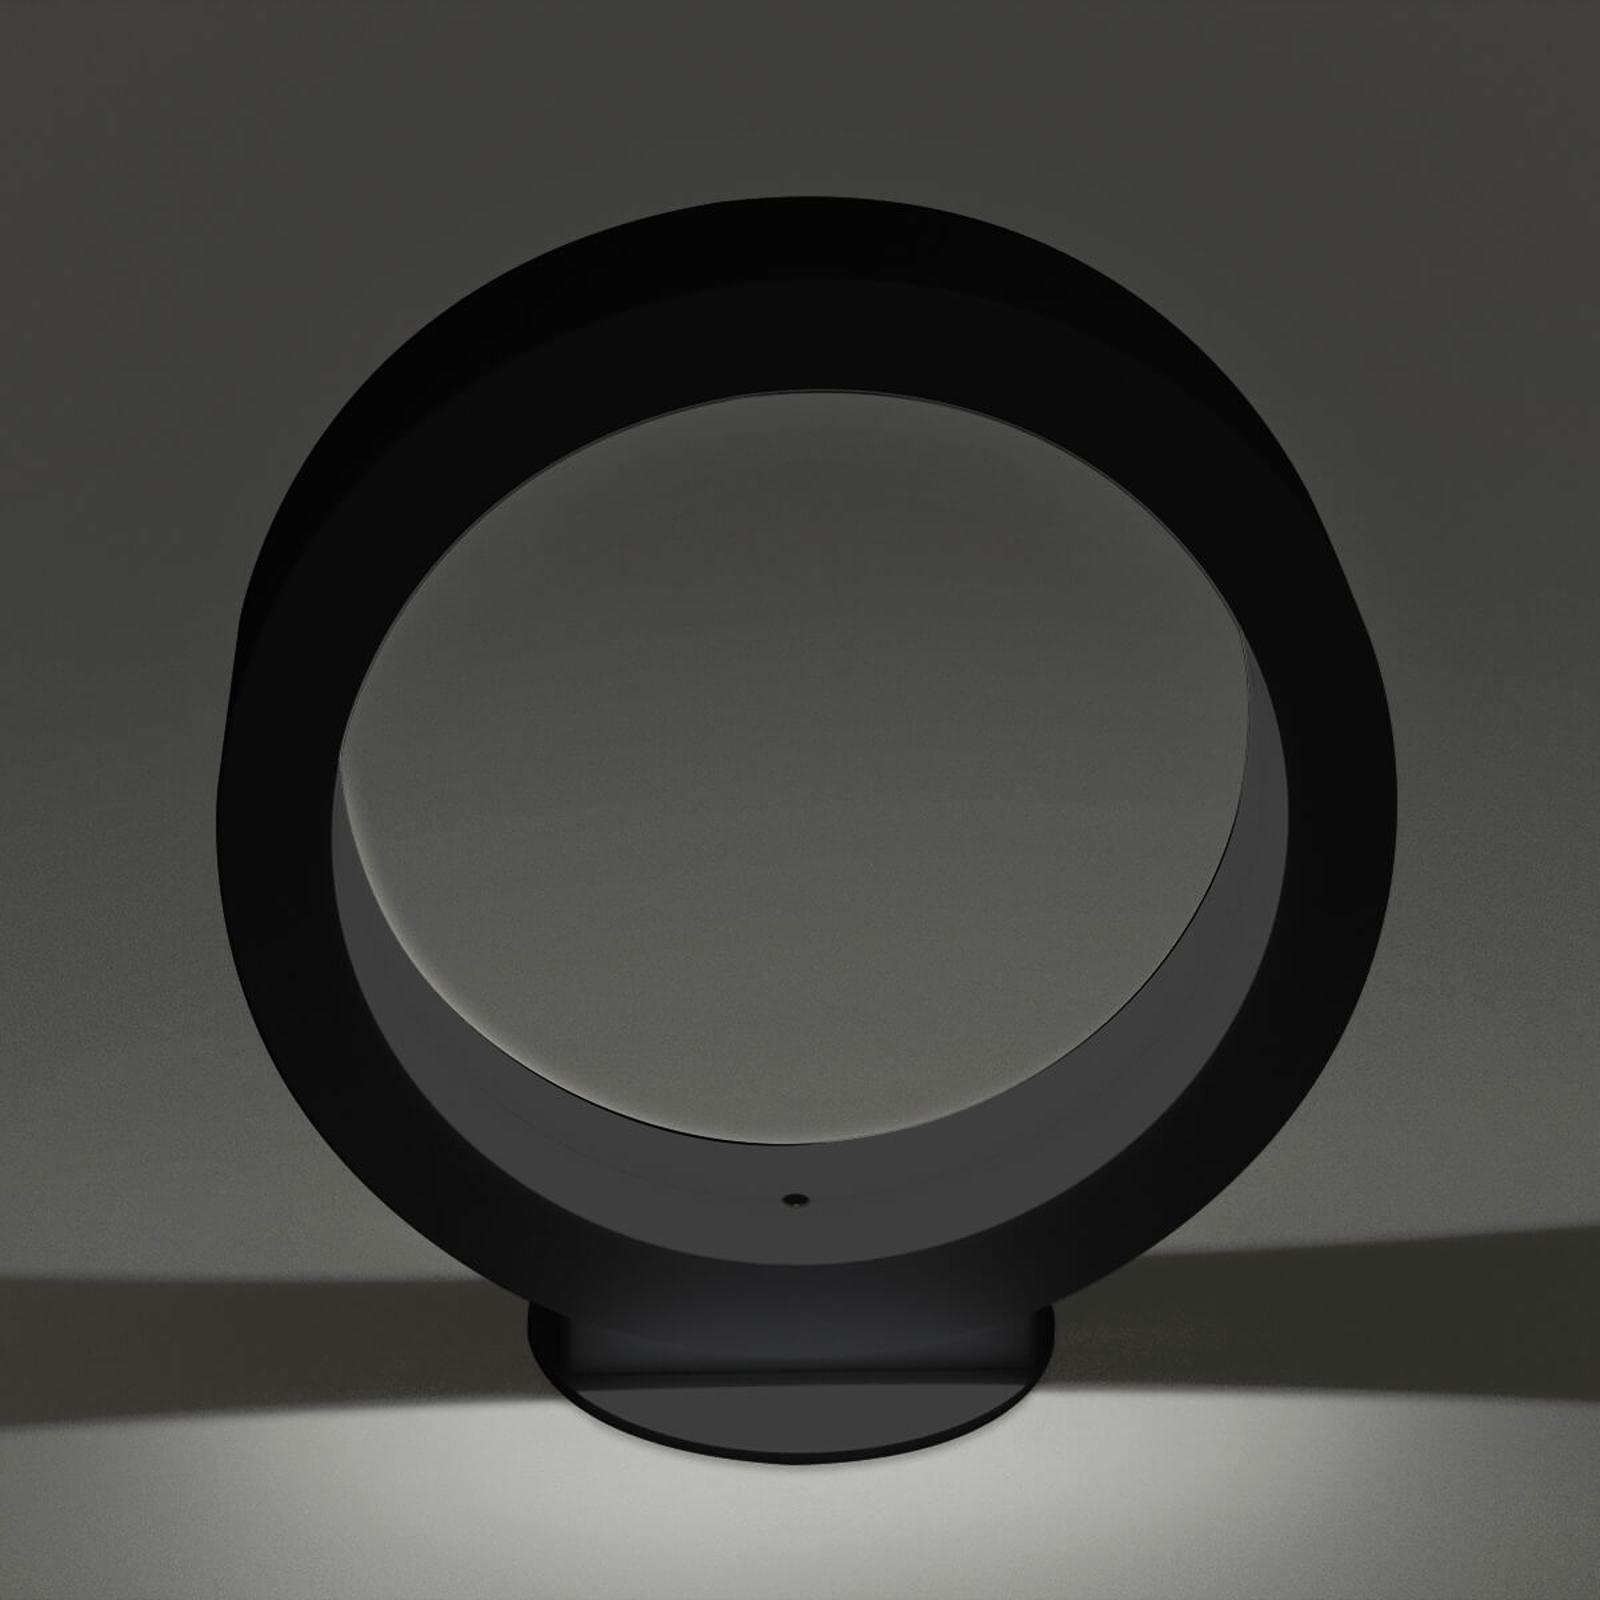 Acquista Lampada da tavolo LED Assolo nera dimmerabile